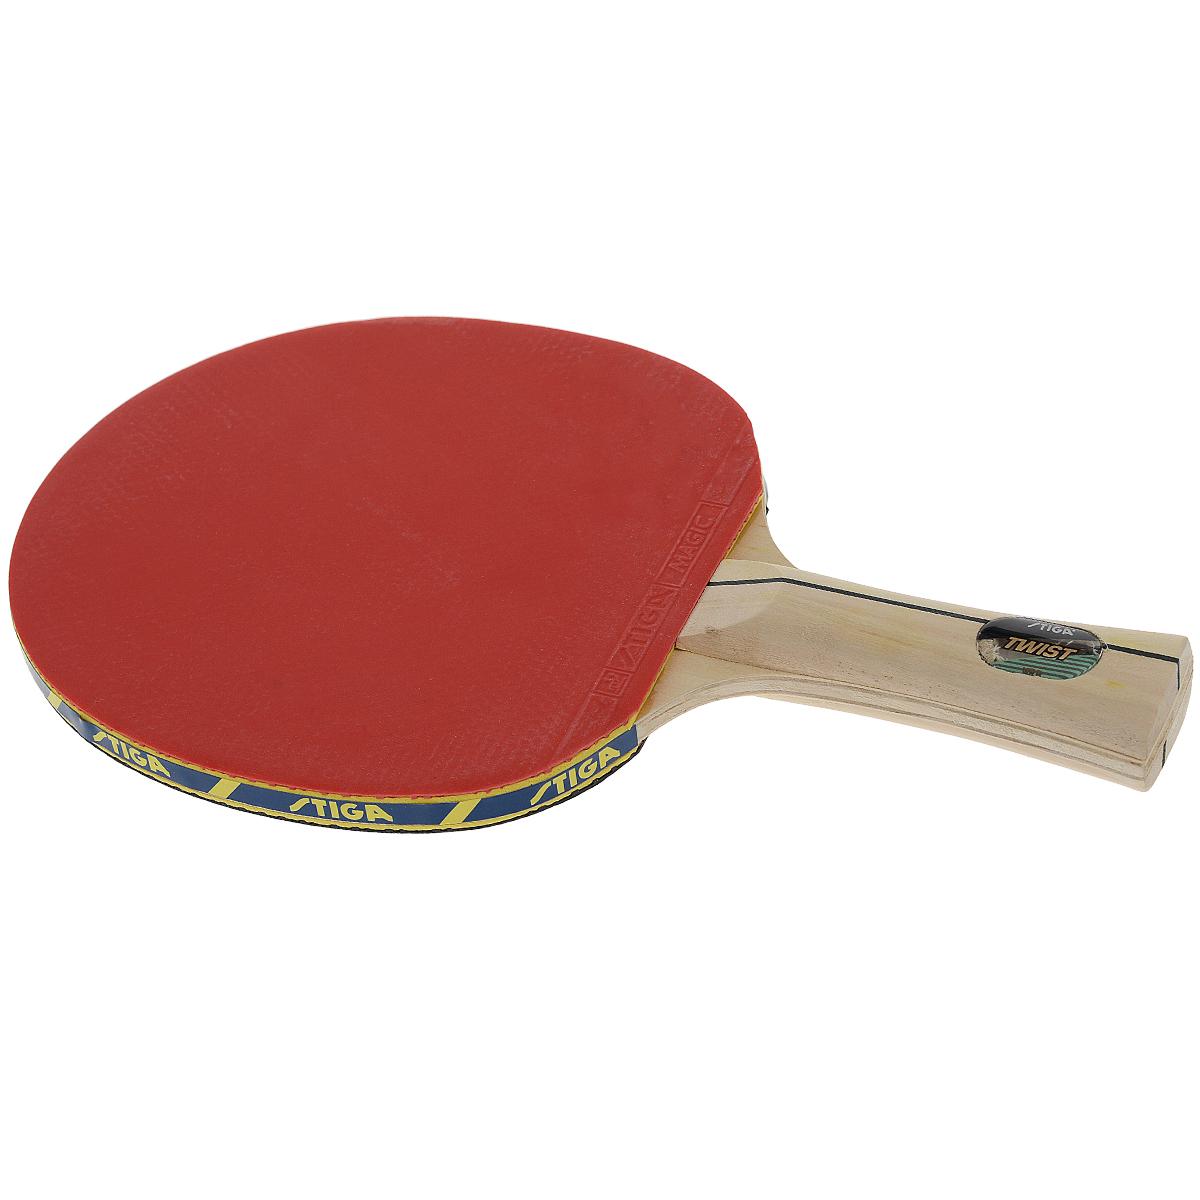 Ракетка для настольного тенниса Stiga Twist WRB26617Ракетка для настольного тенниса Stiga Twist WRB дает превосходное чувство мяча в сочетании с силой удара. Система WRB улучшает отскок, придает дополнительную силу удару и позволяет лучше чувствовать мяч. Основные характеристики: Контроль: 100. Скорость: 29. Кручение: 35. Характеристики указаны в расчете на диапазон от 0 до 100. Характеристики: Размер ракетки: 26 см х 15 см. Длина ручки: 10 см. Материал: дерево, резина. Размер упаковки: 26 см х 15 см х 2 см. Производитель: Китай. Артикул: 26617.